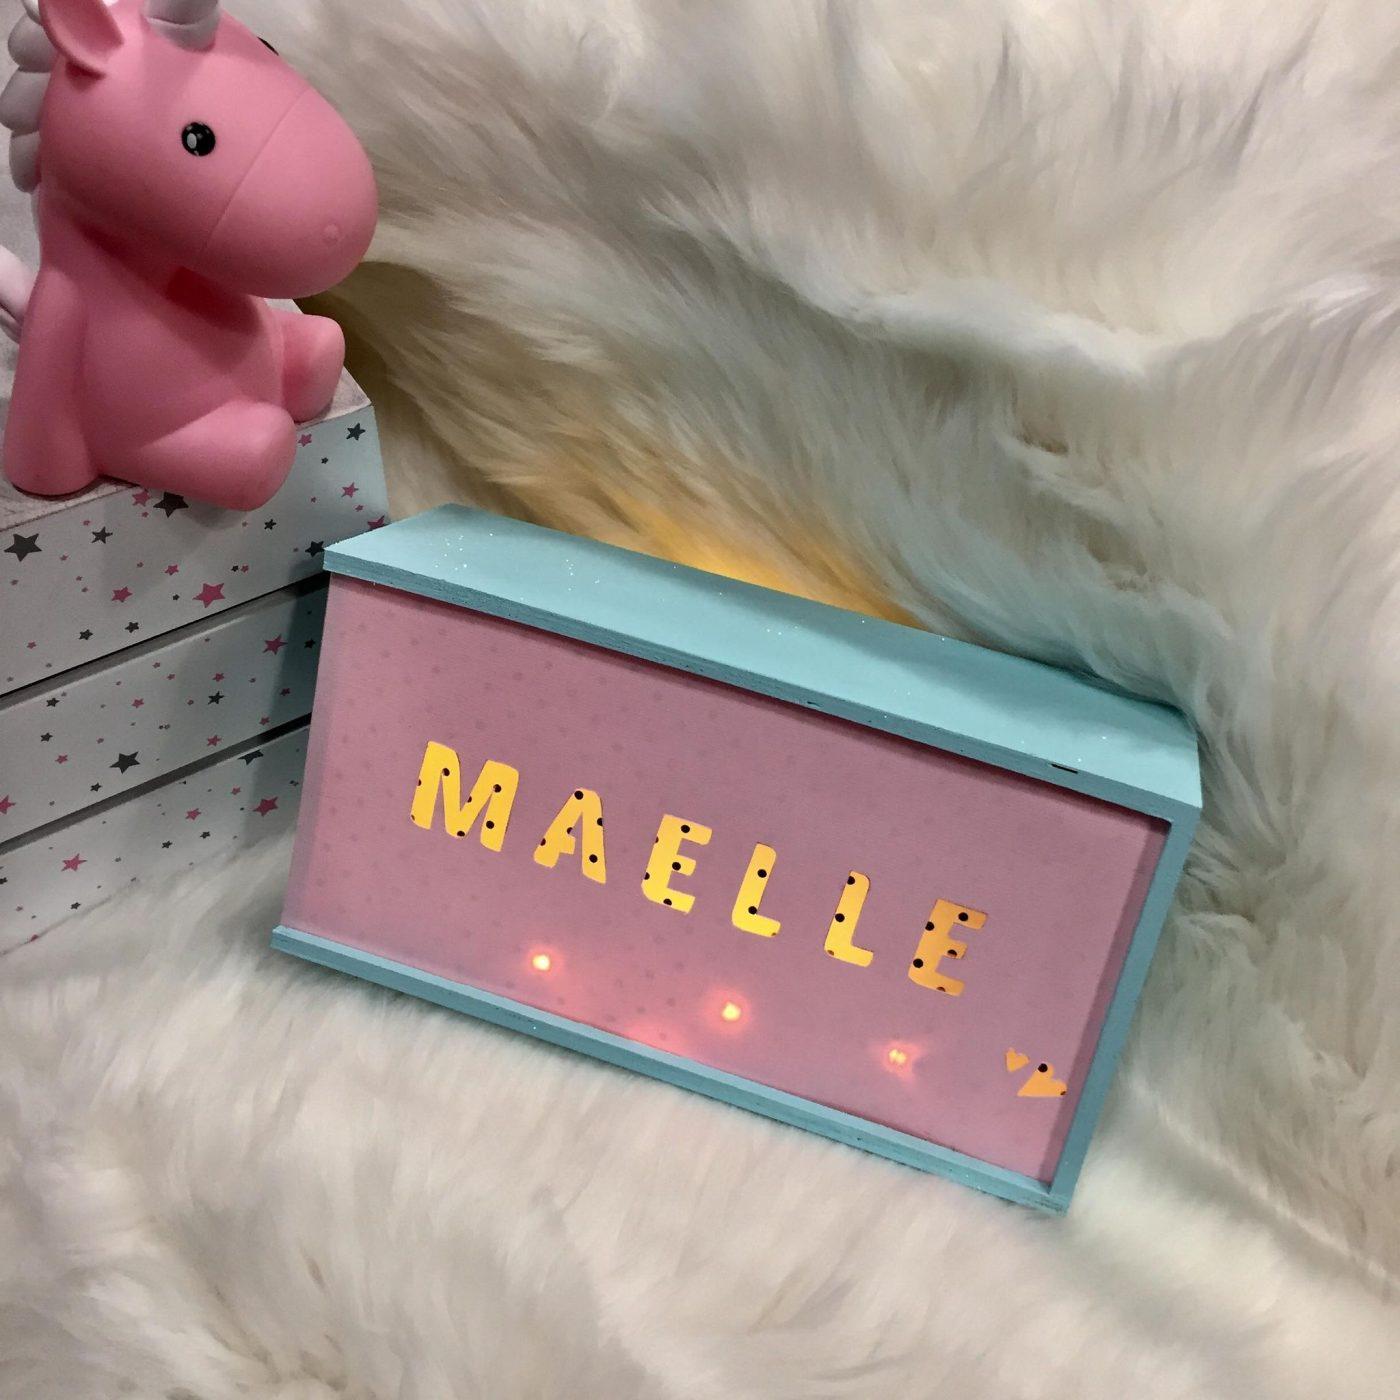 Light Box personnalisée ! Disponible en atelier VISIO sur zodio.fr plan de campagne